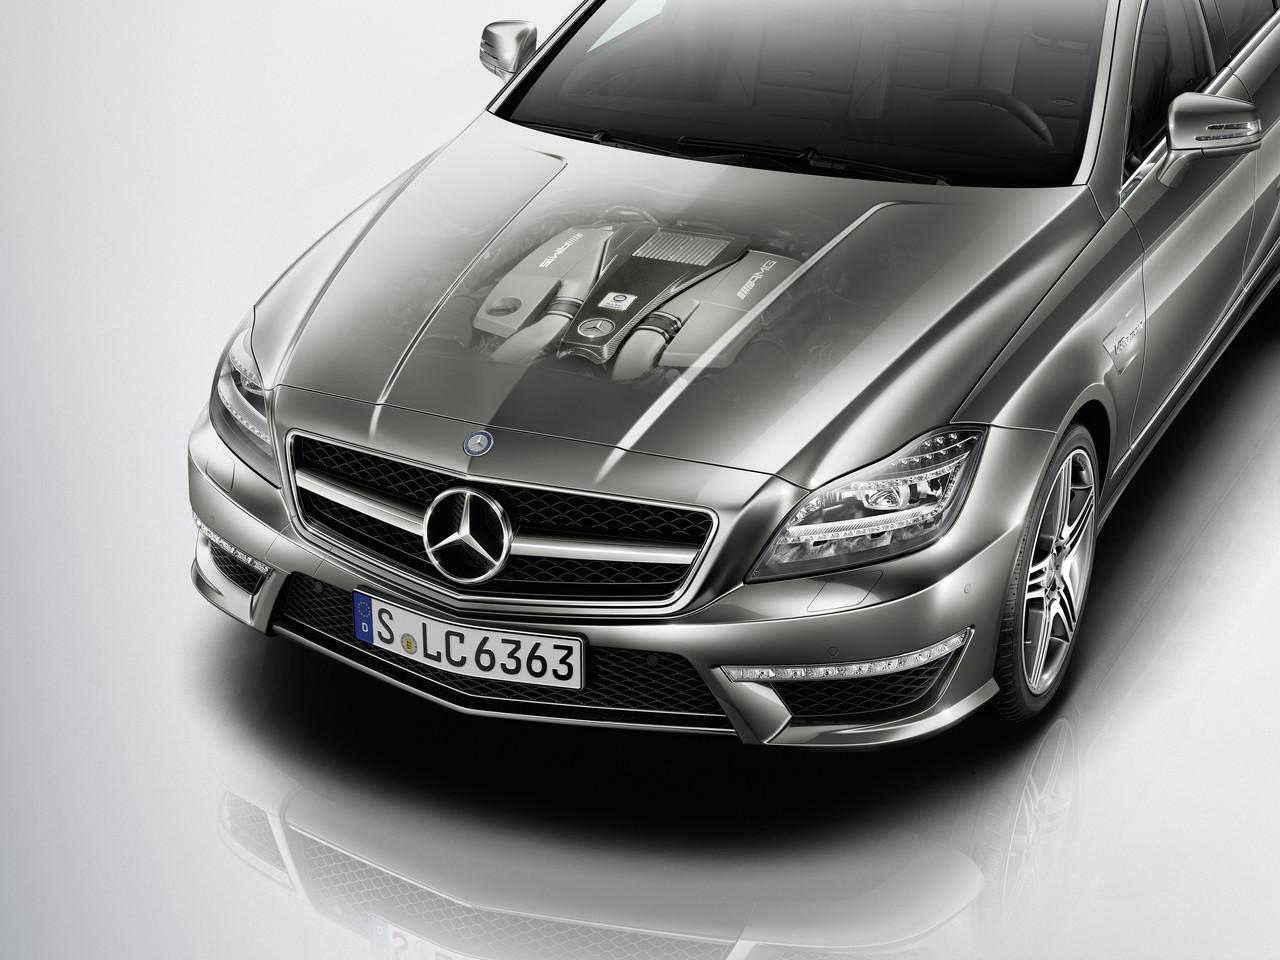 Foto de Mercedes CLS 63 AMG 2011 (8/30)